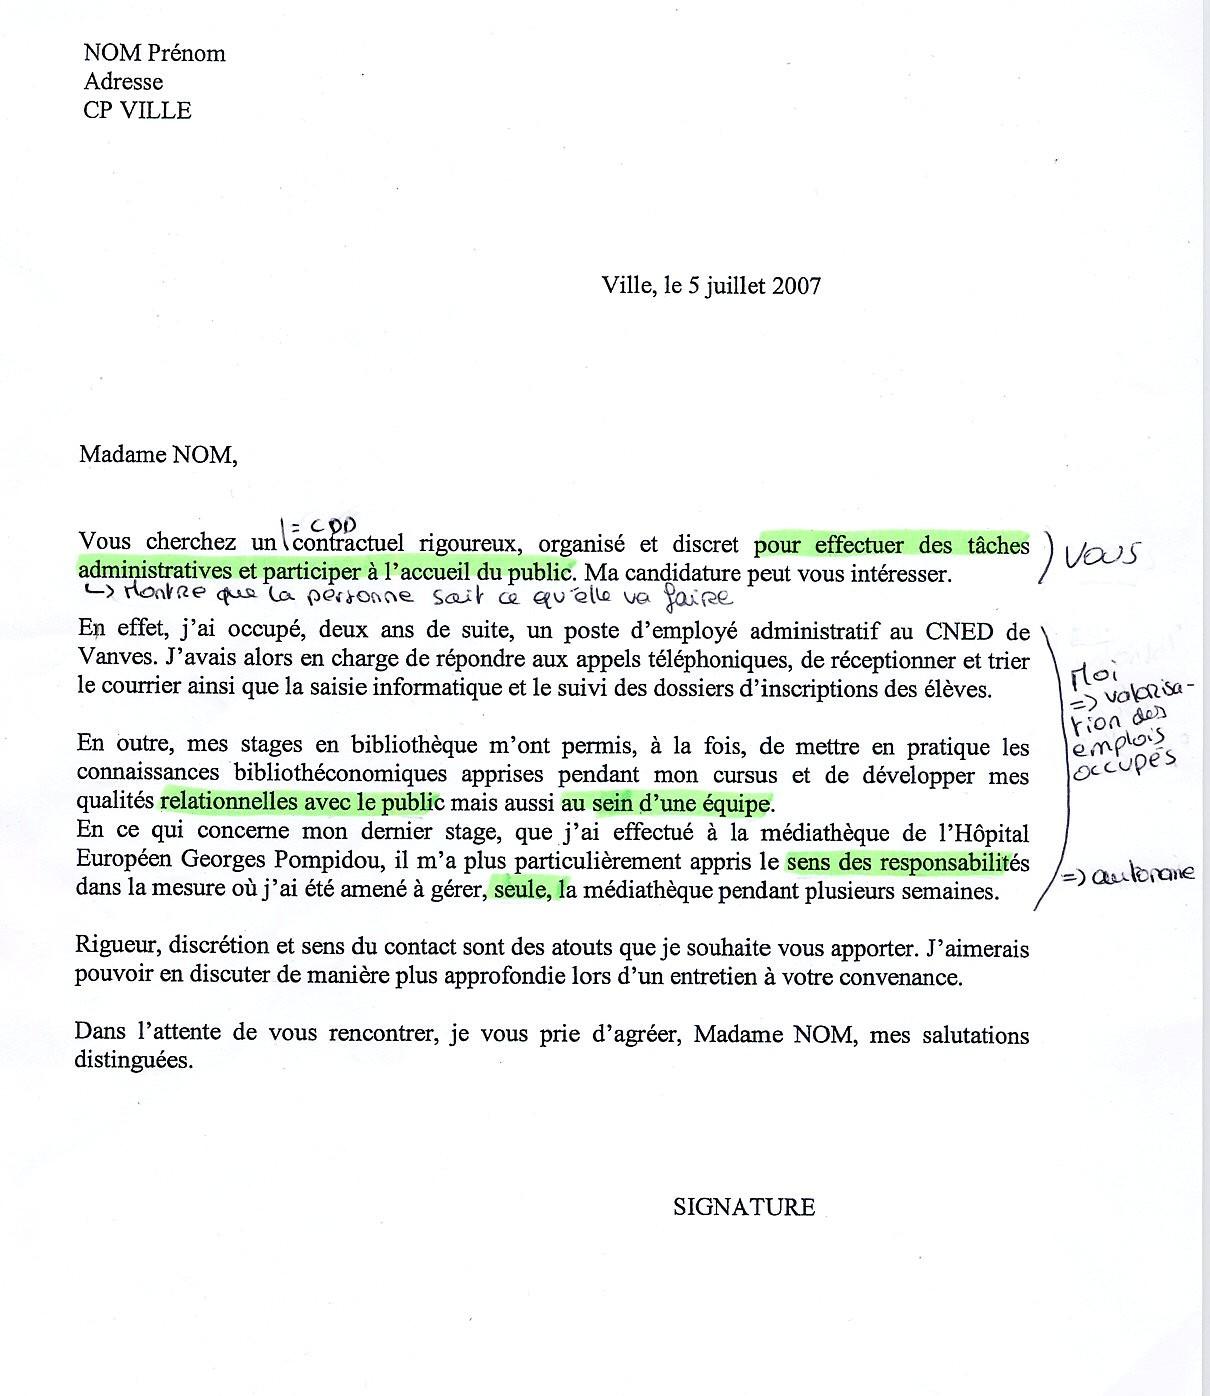 Exemple de lettre de motivation simple pour un emploi - laboite-cv.fr